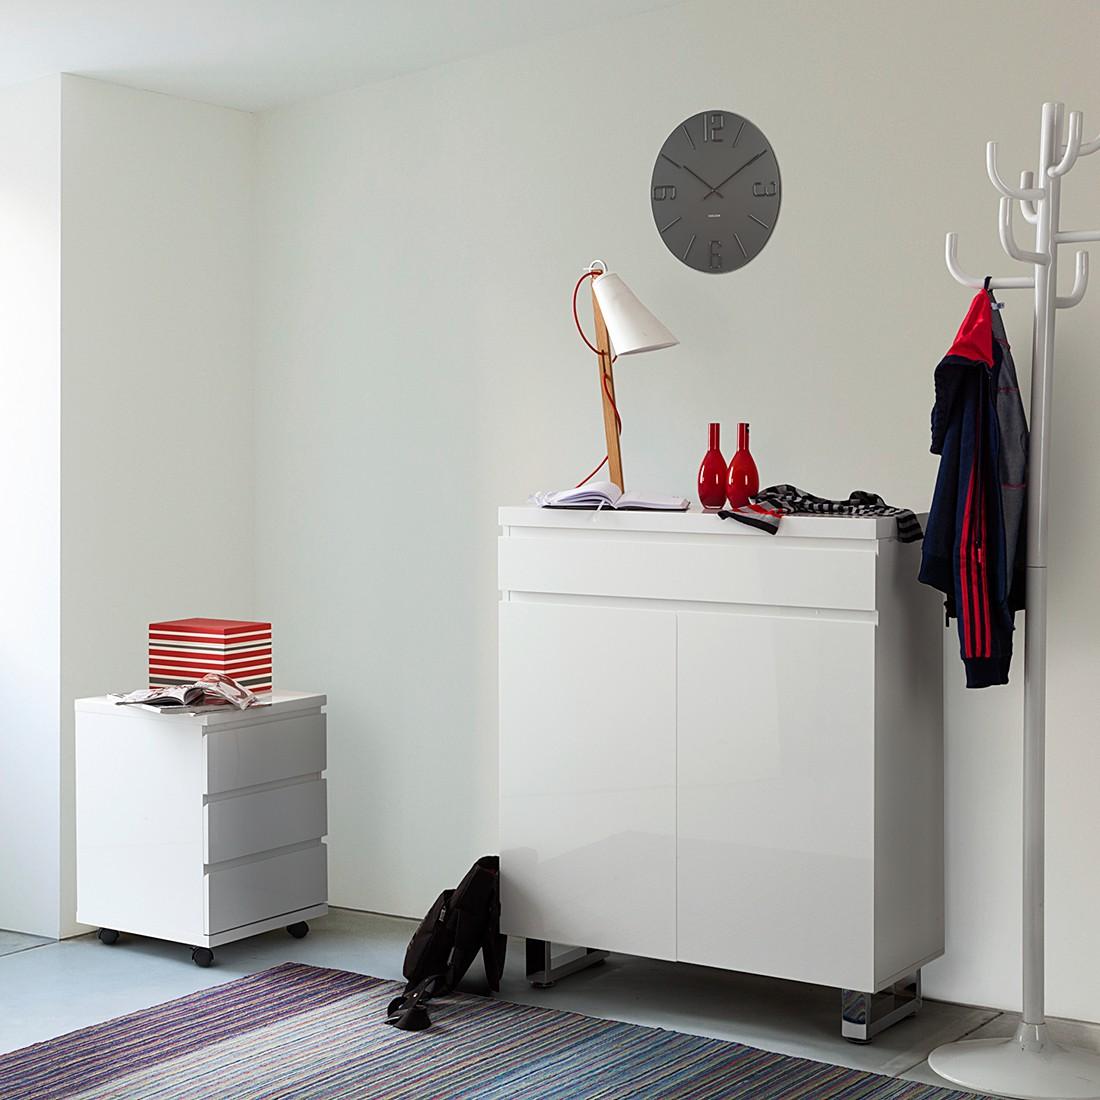 Rollcontainer kunststoff 3 schubladen  home24office Container – für ein modernes Zuhause | Home24